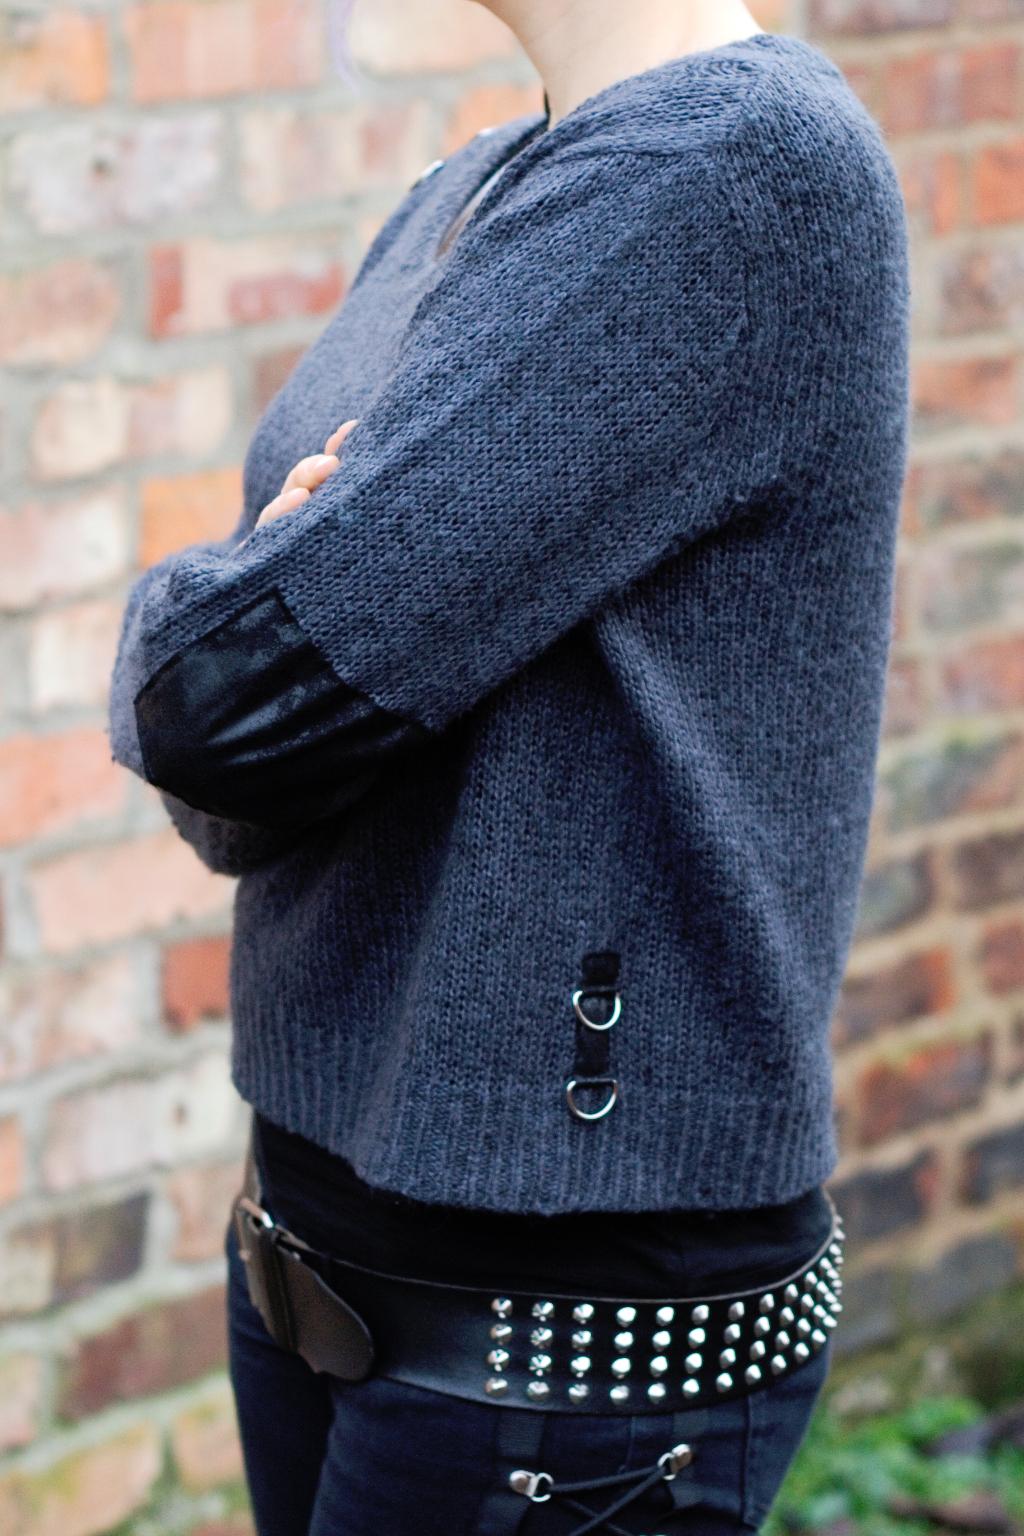 Strickpulli ruinieren mit Laufmaschen und Stil - Seite - Zebraspider DIY Anti-Fashion Blog